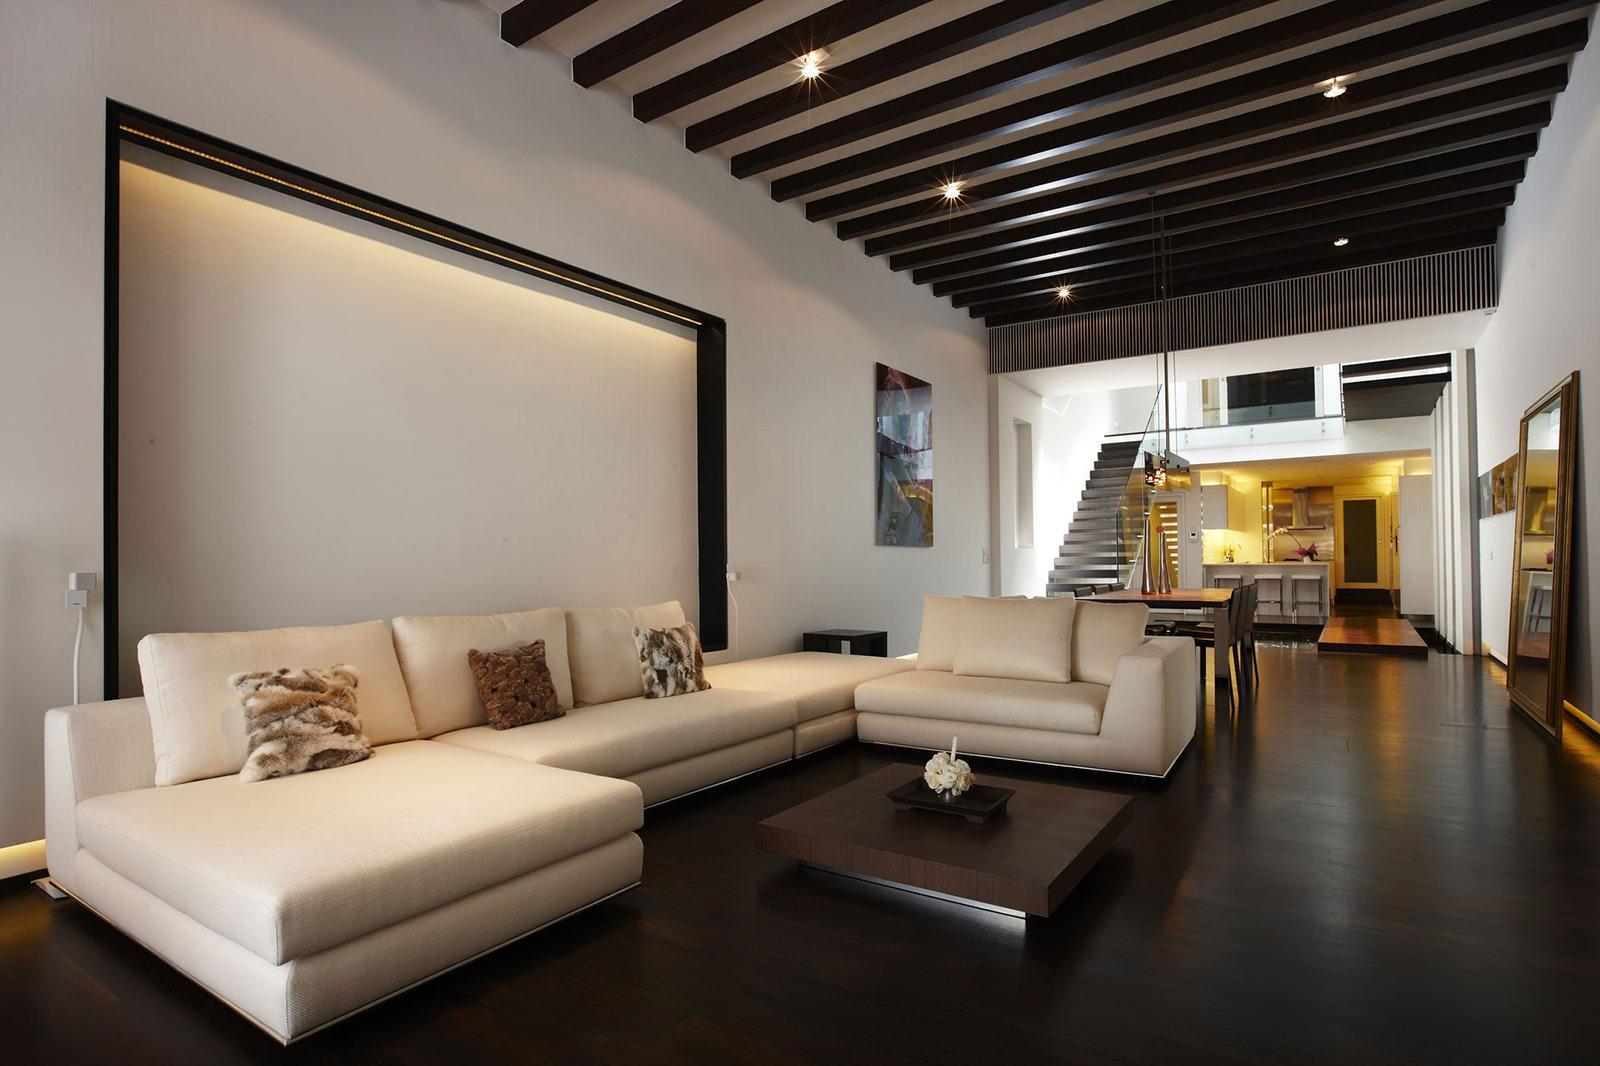 Ceiling-design-just3ds.com-10